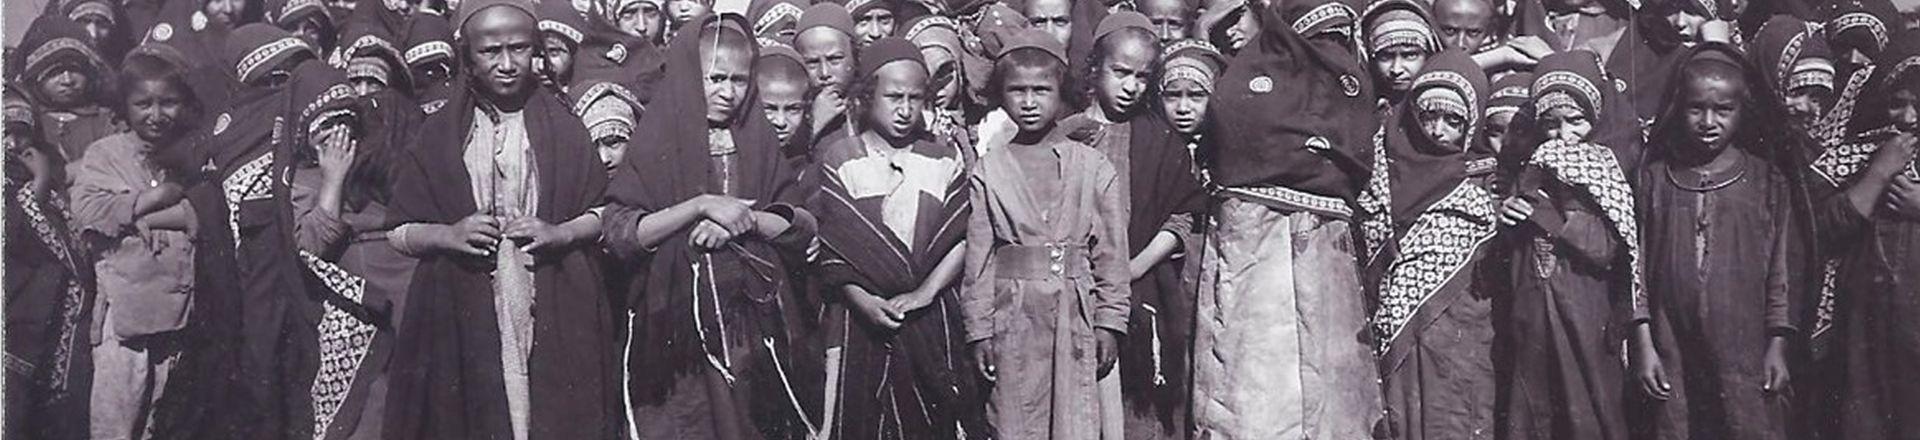 פרשת ילדי תימן, המזרח והבלקן